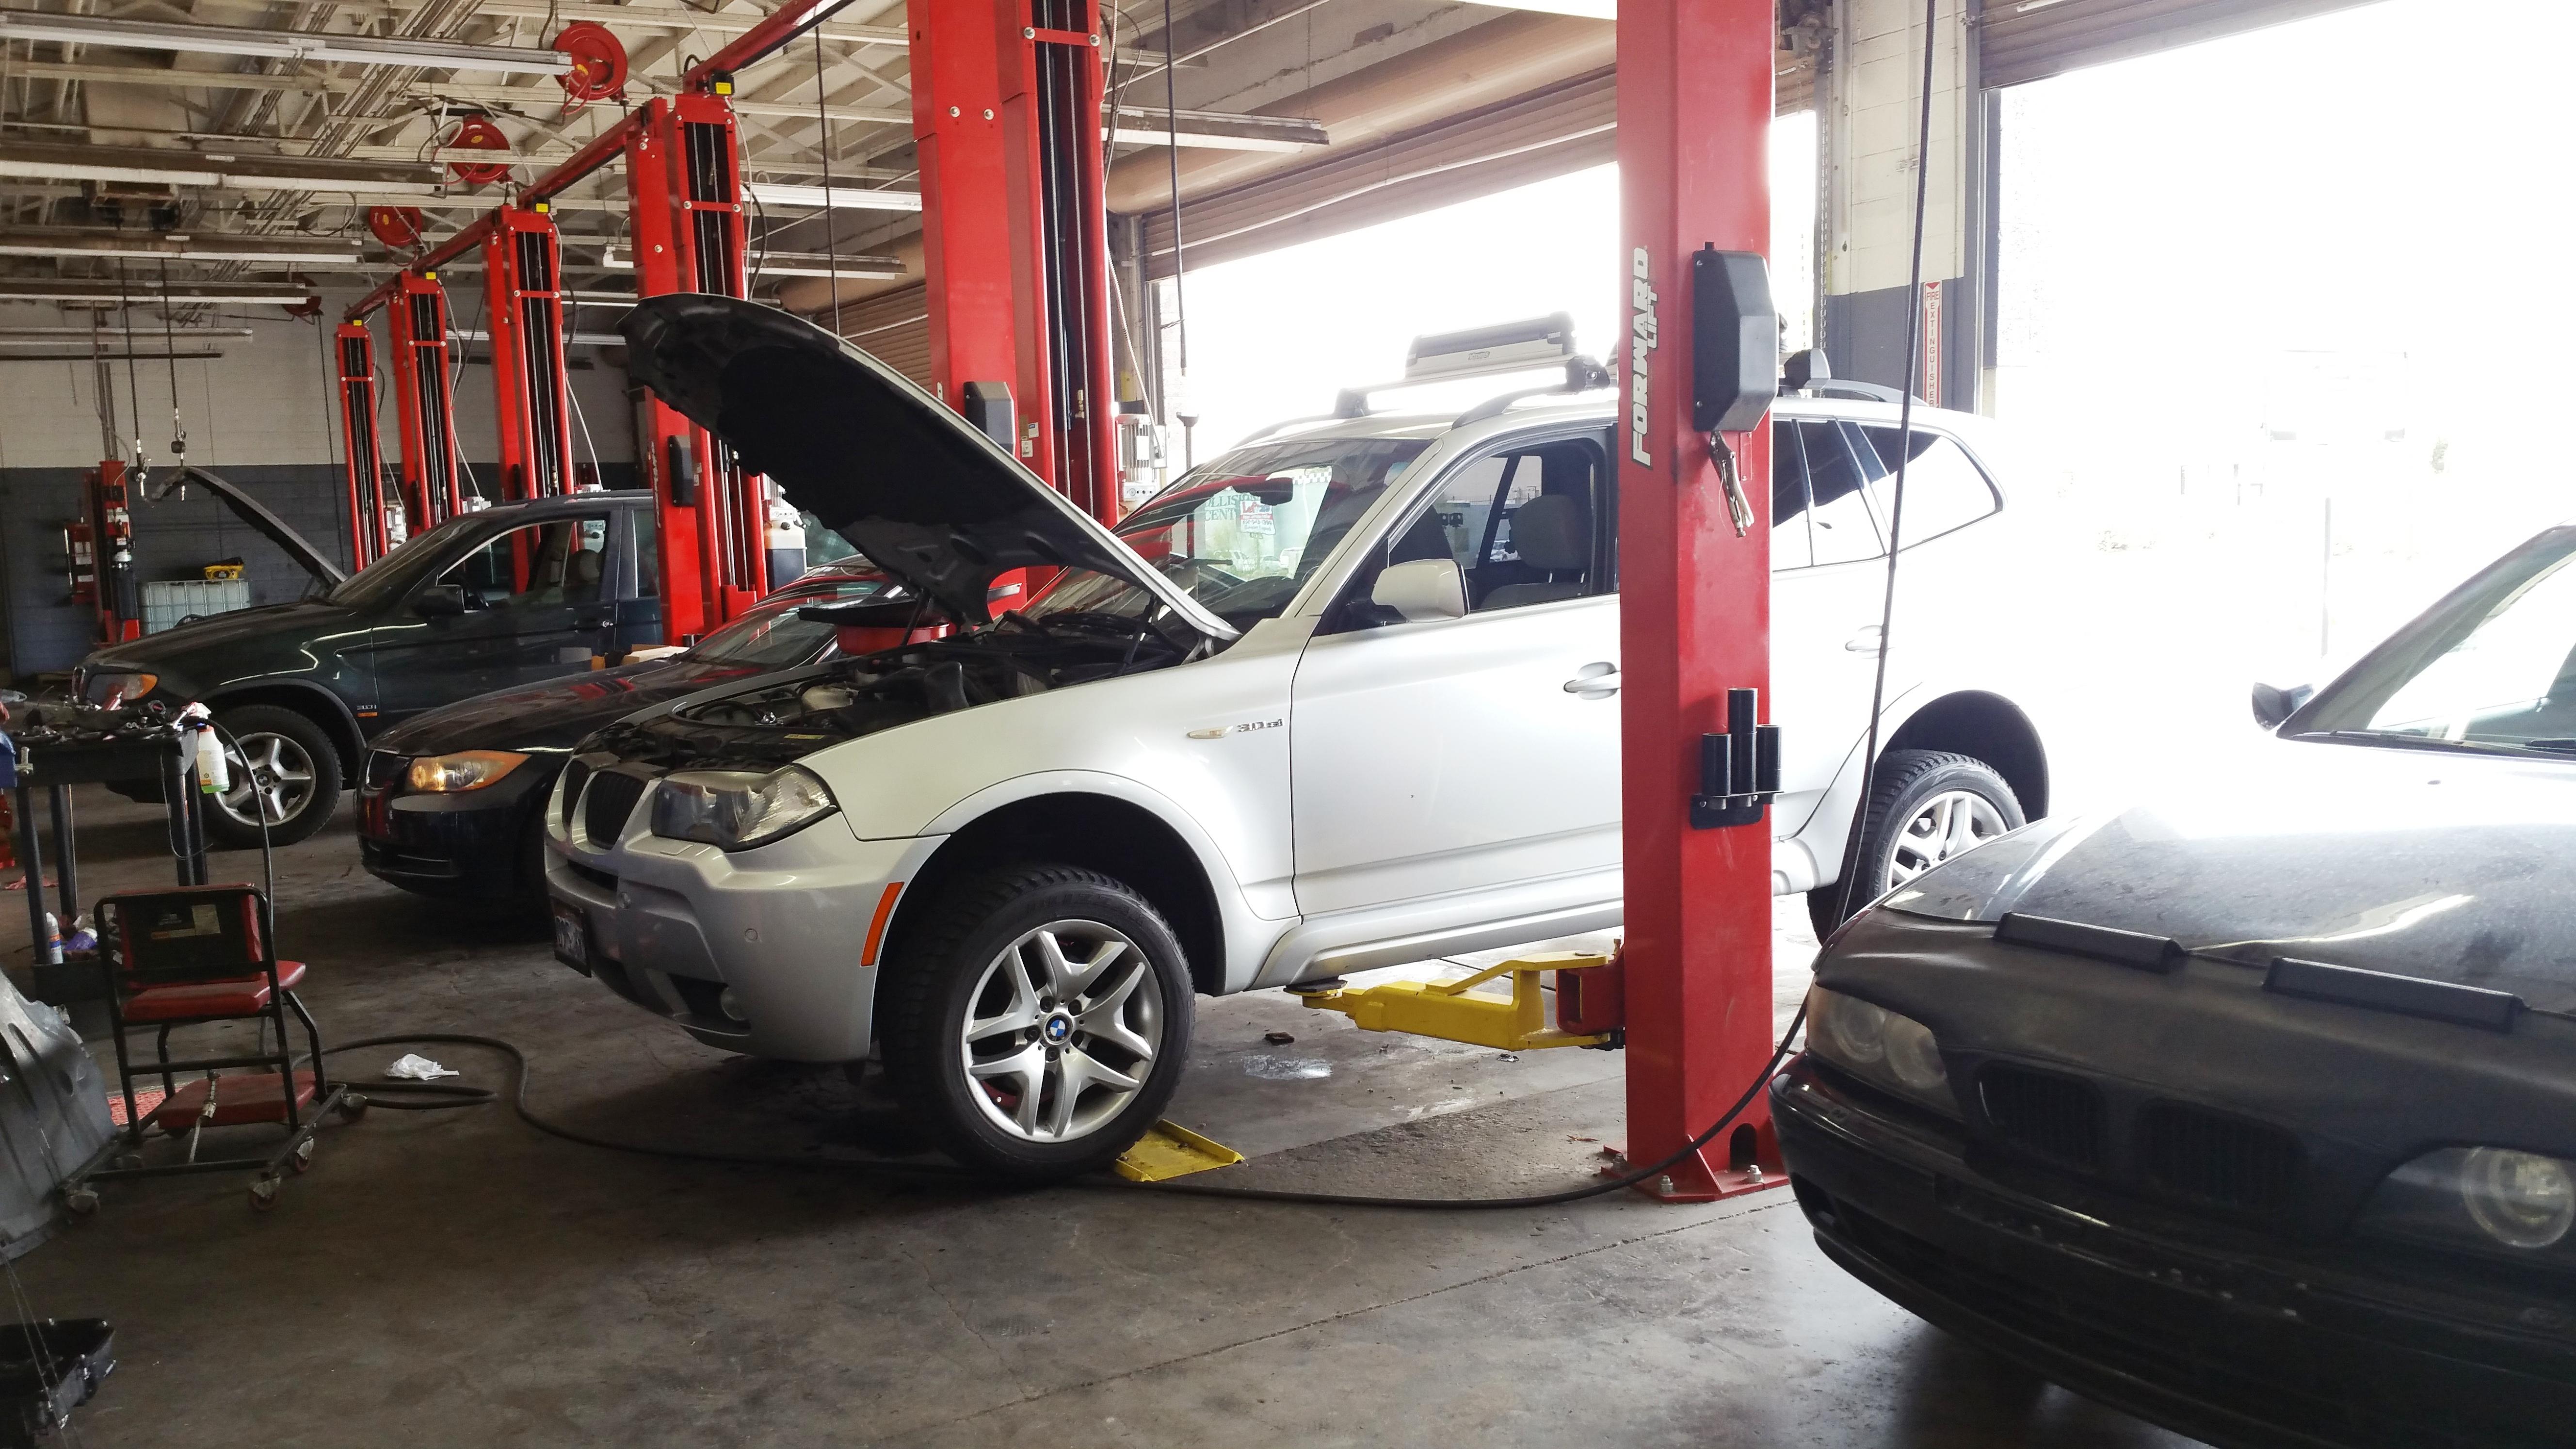 Arizona Beemer Repair image 3